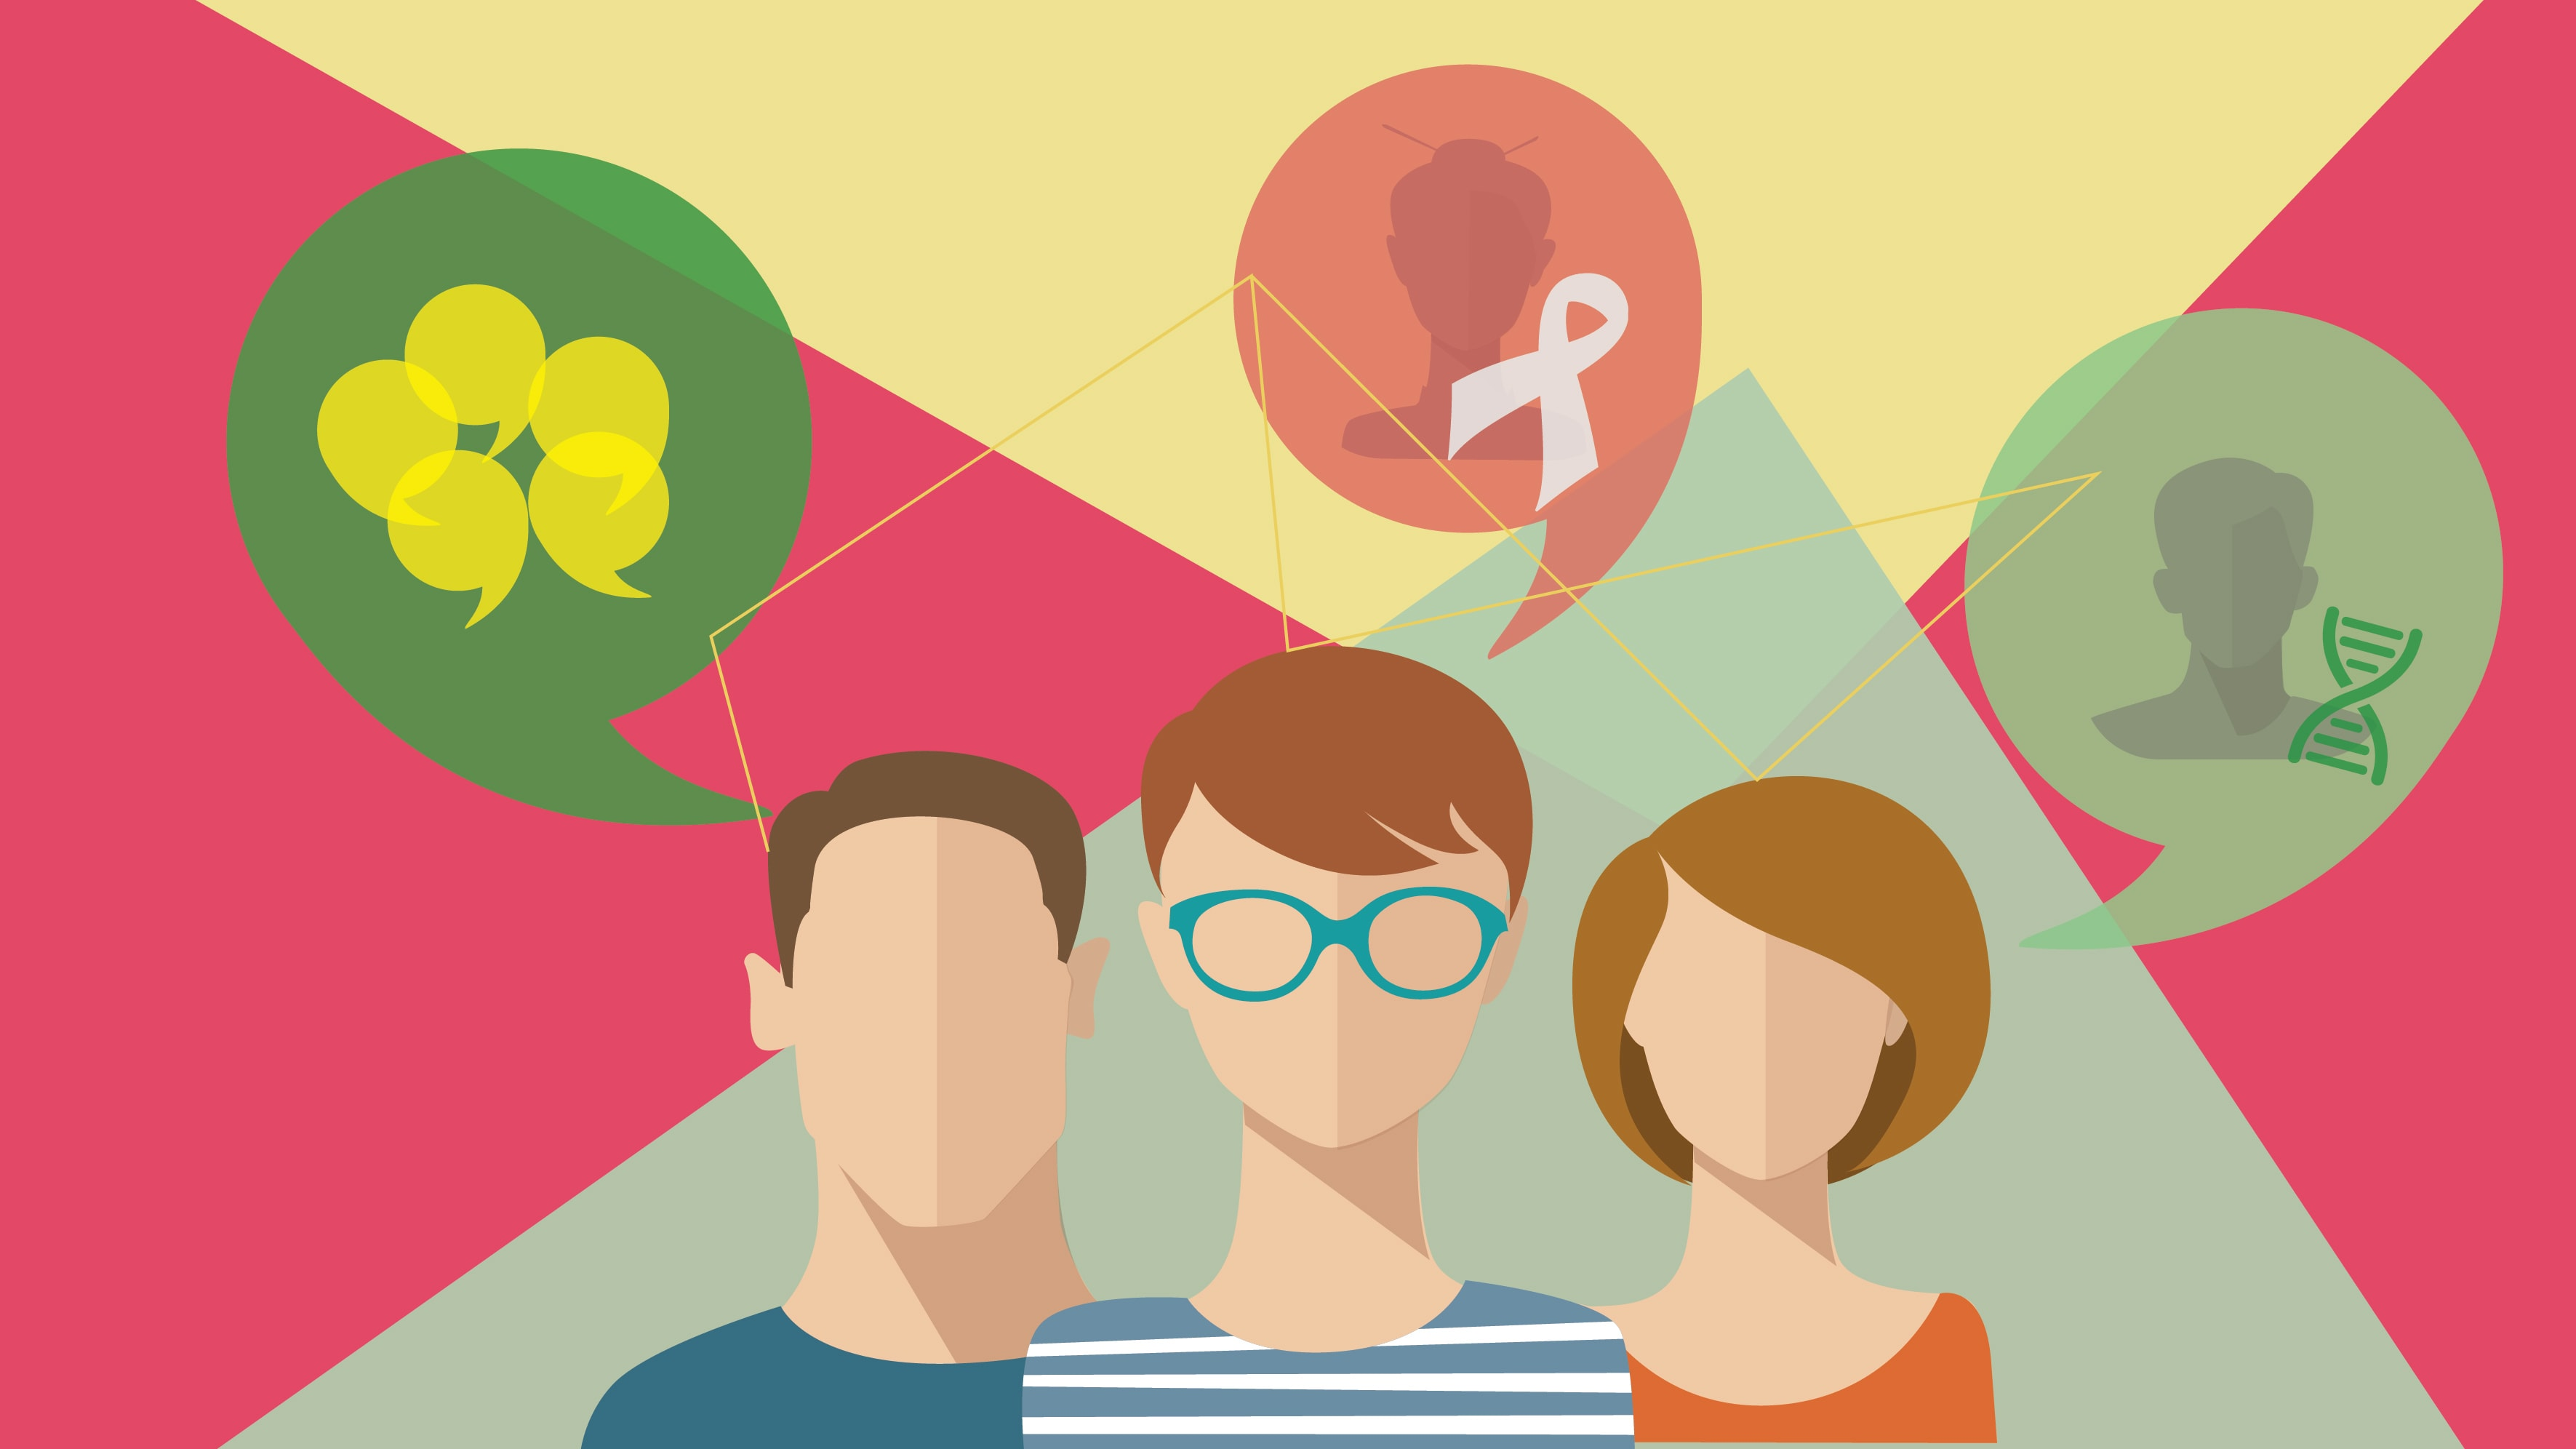 آیا وجود سابقه ی سرطان در خانواده نگران کننده است؟